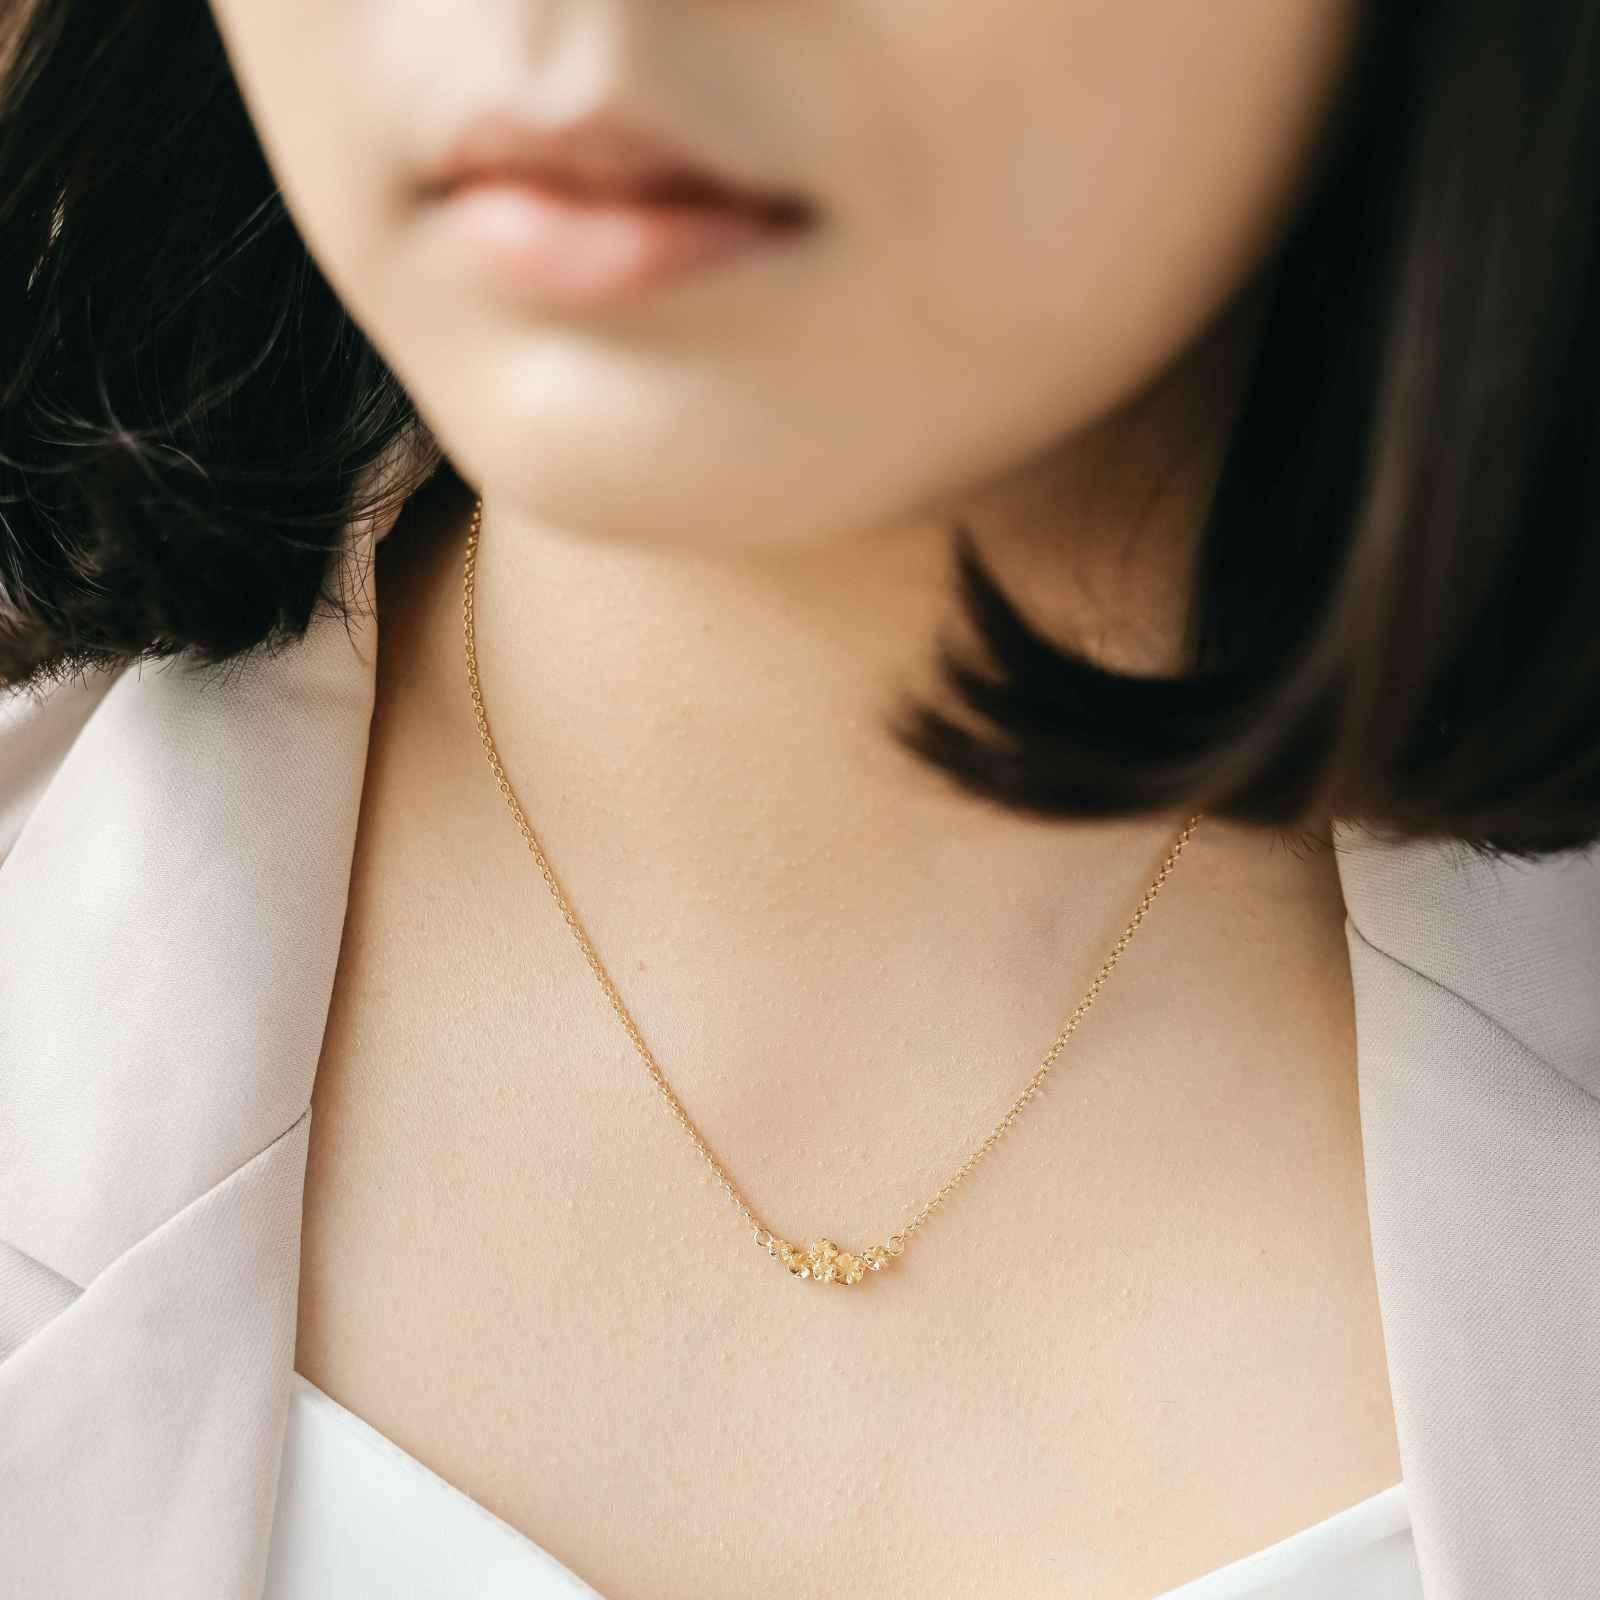 Jepun Necklace